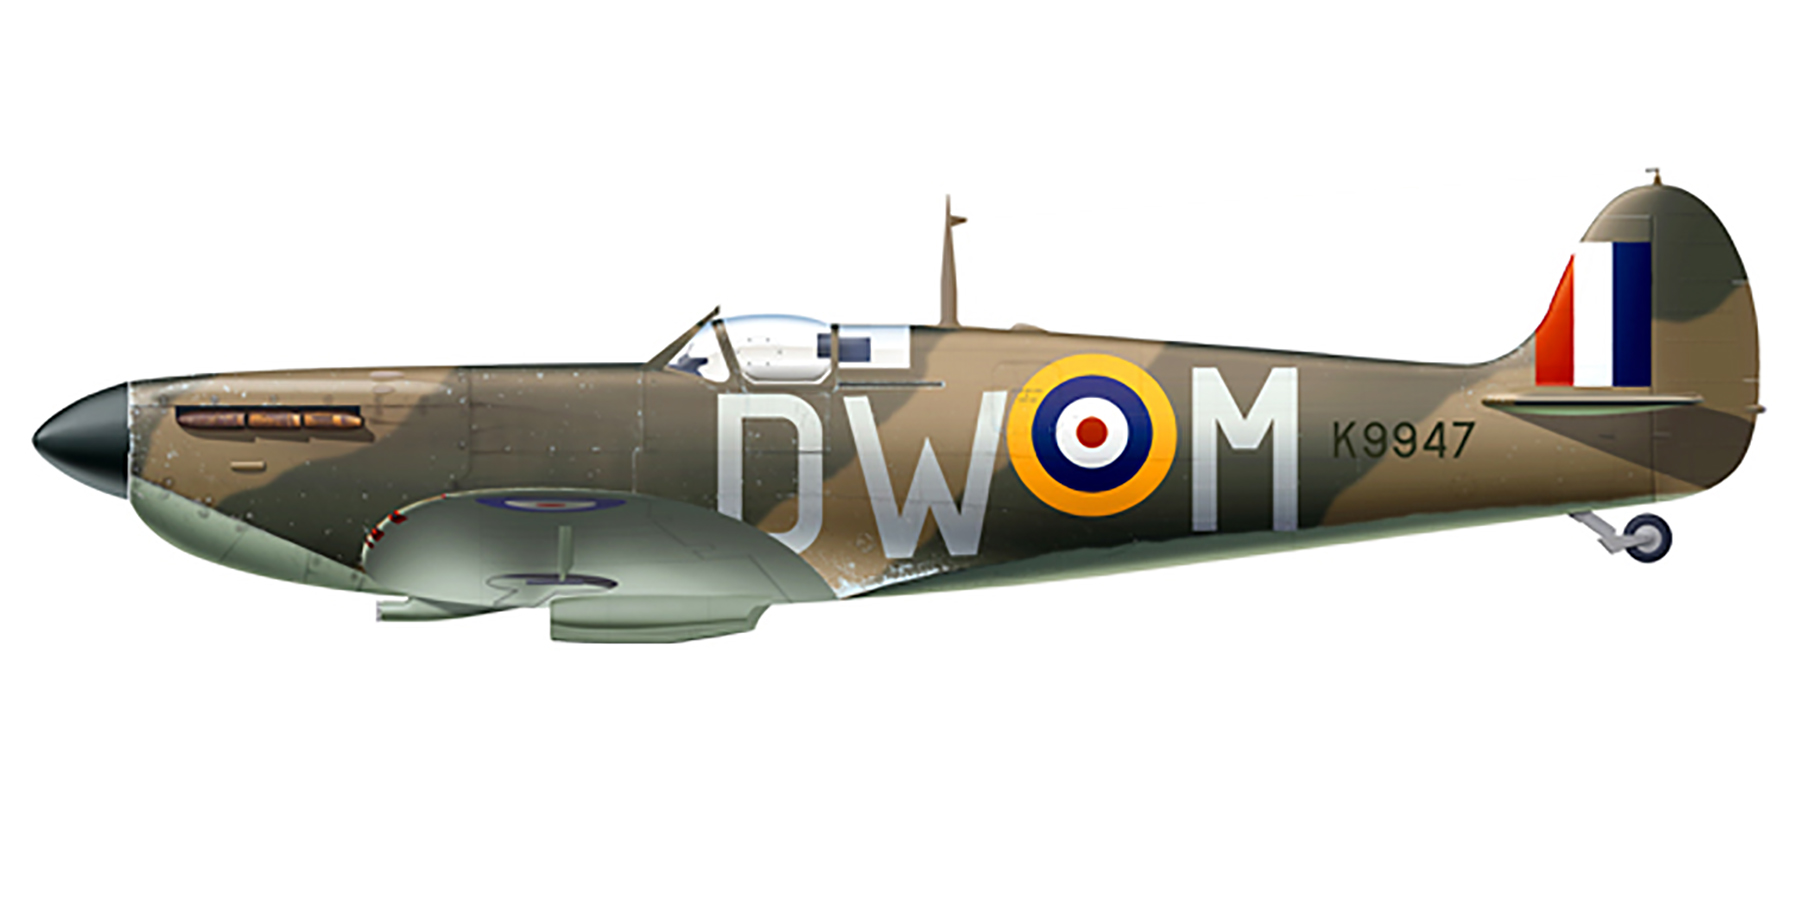 Spitfire MkIa RAF 610Sqn DWM K9947 Battle of Britain 1940 0A